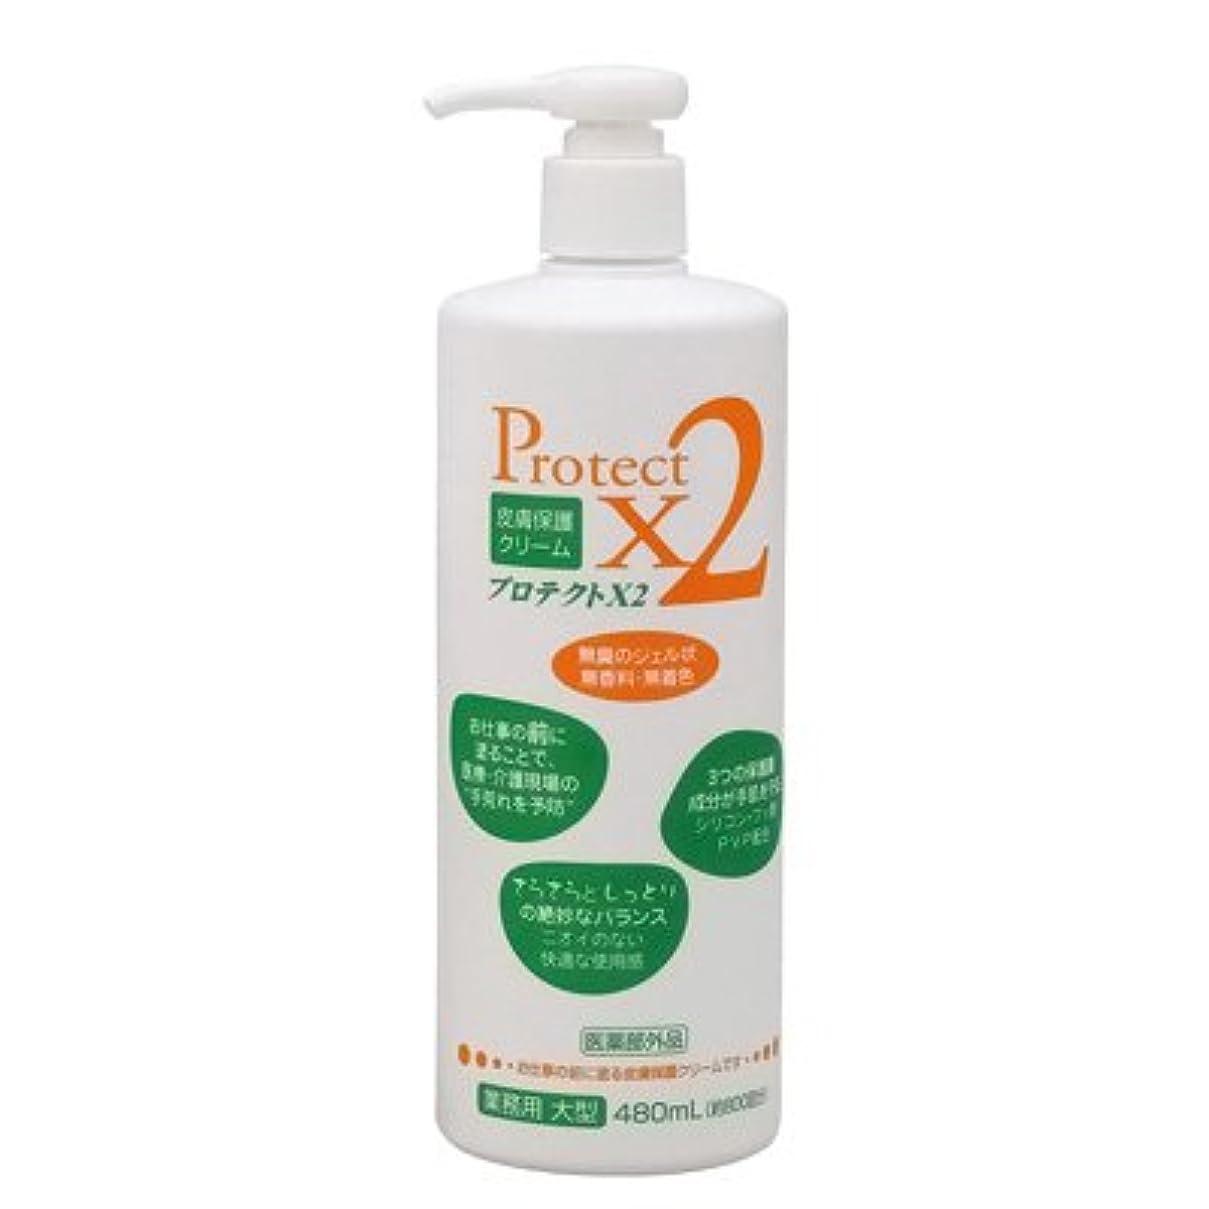 ベルト共同選択履歴書皮膚保護クリーム プロテクトX2 480ml(大型)